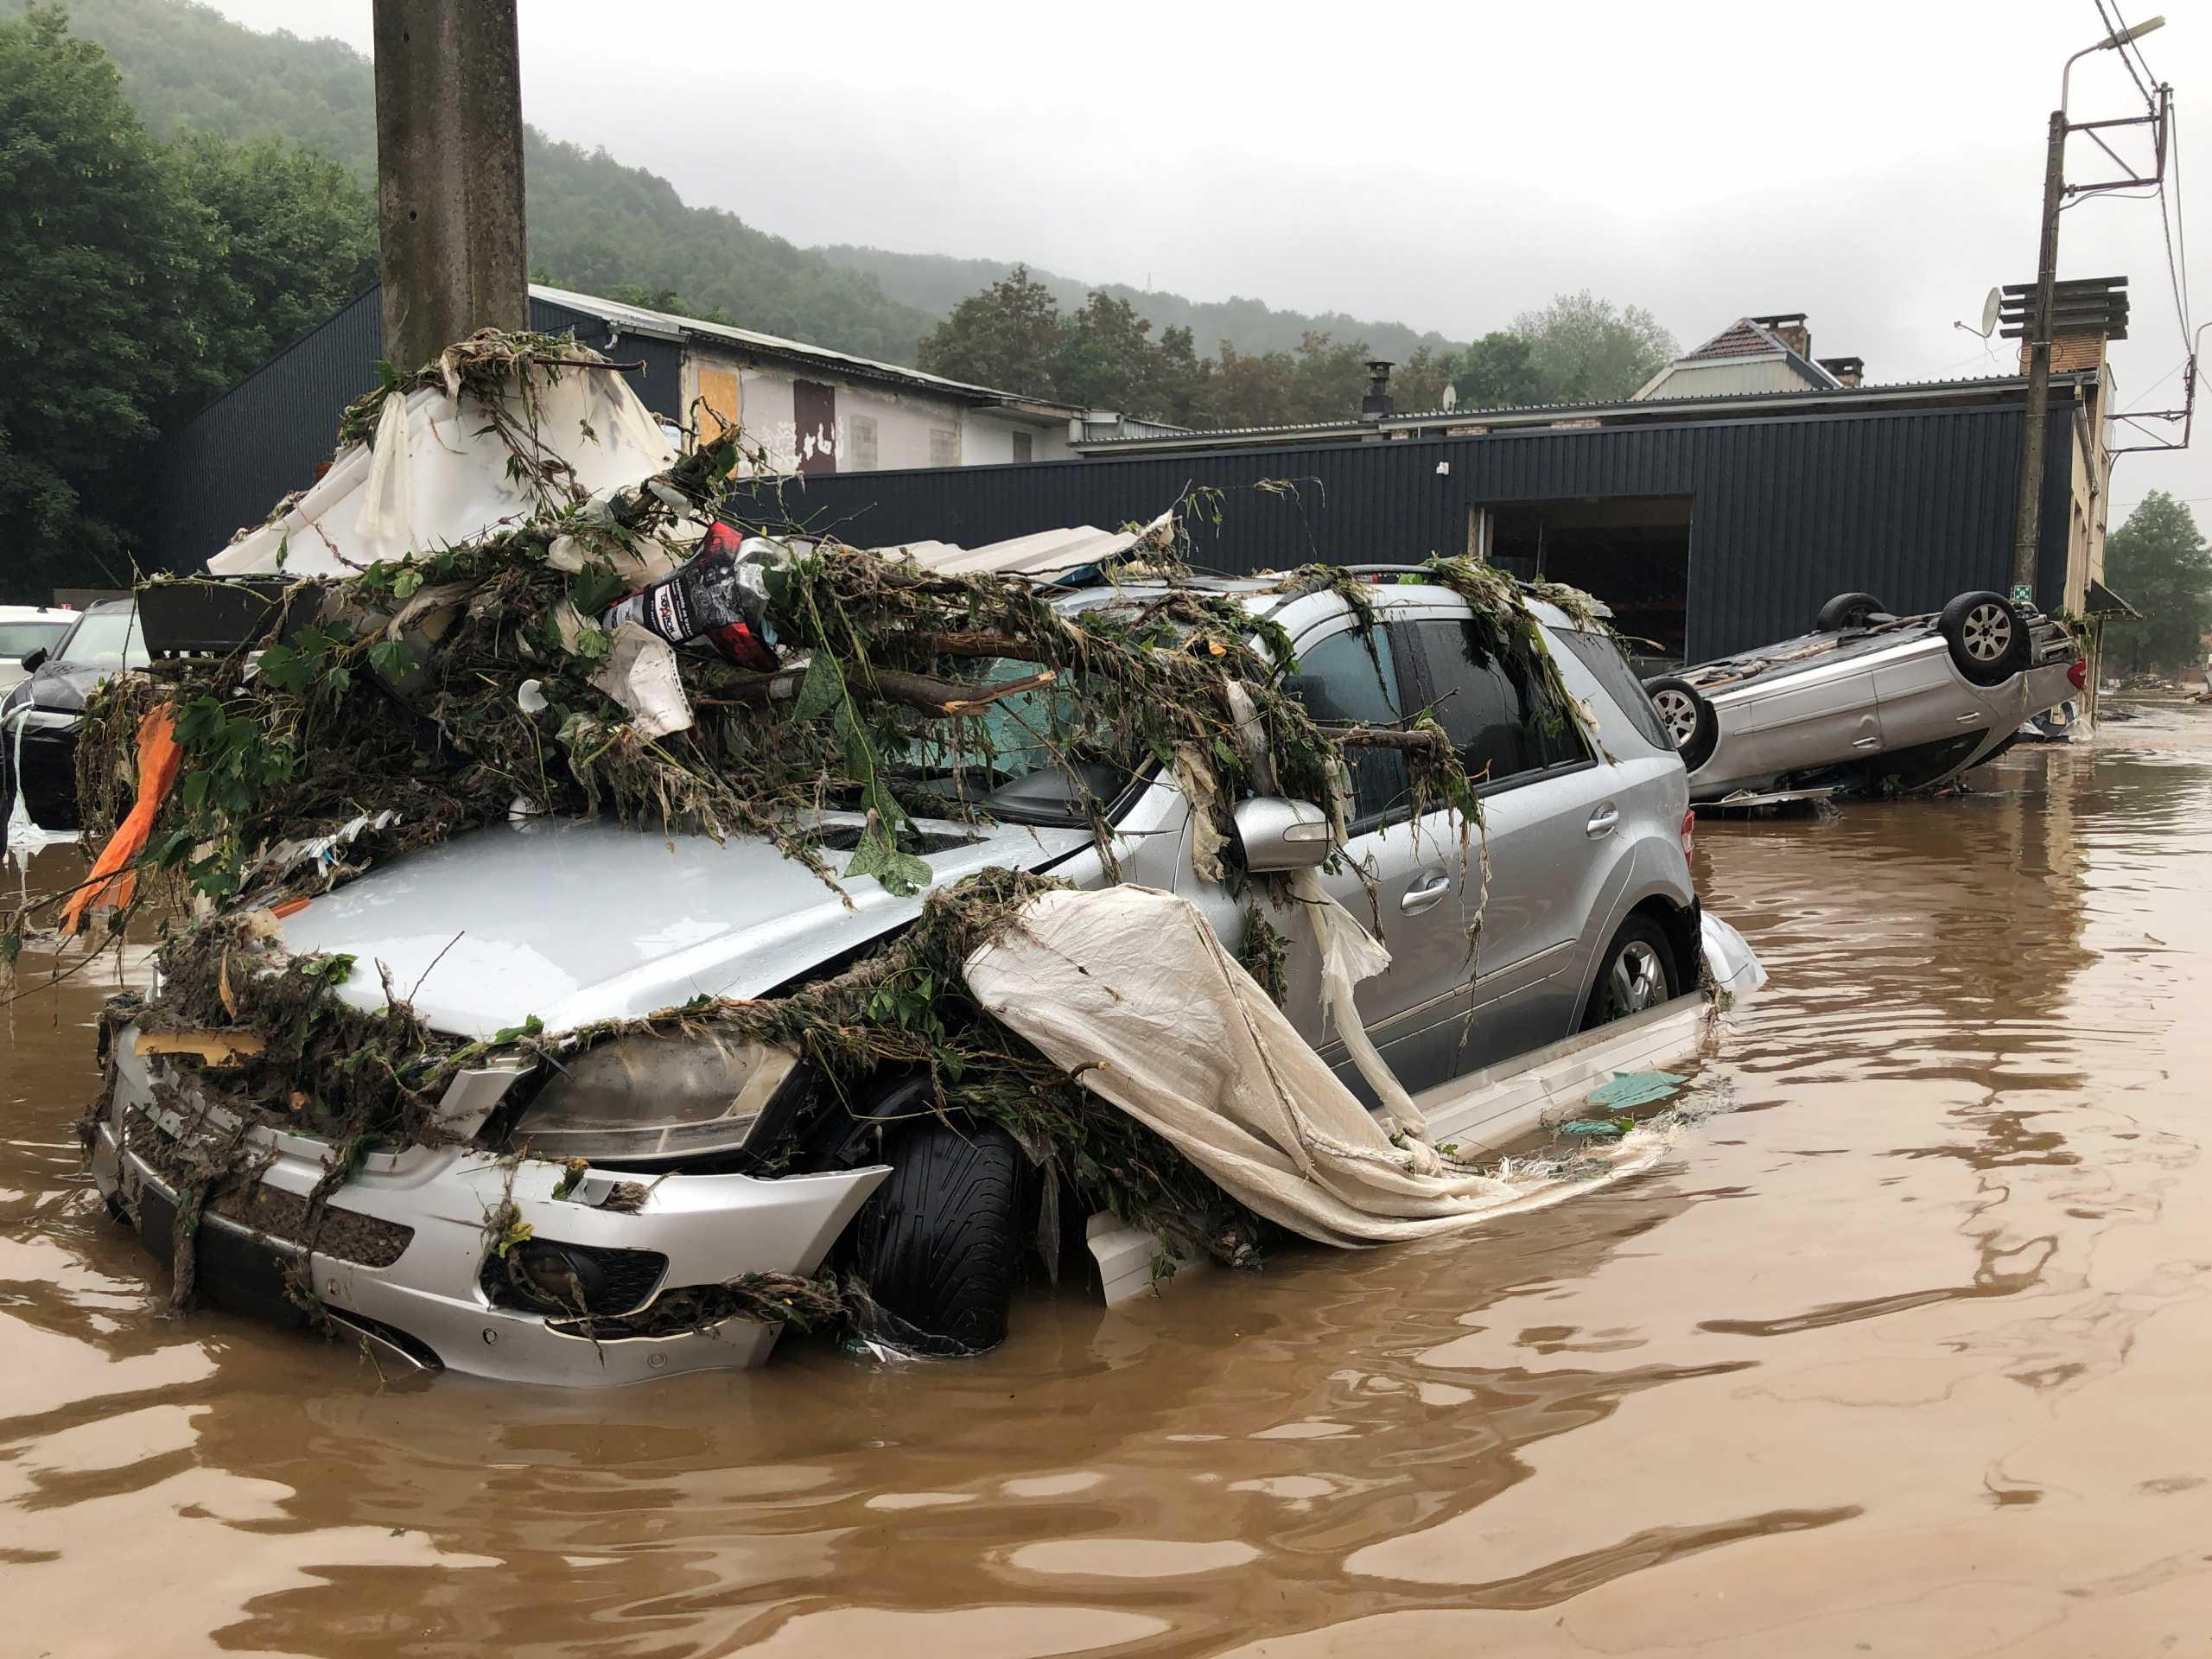 Συναγερμός στο Βέλγιο: Ζητούν εκκένωση της Λιέγης λόγω των πλημμυρών